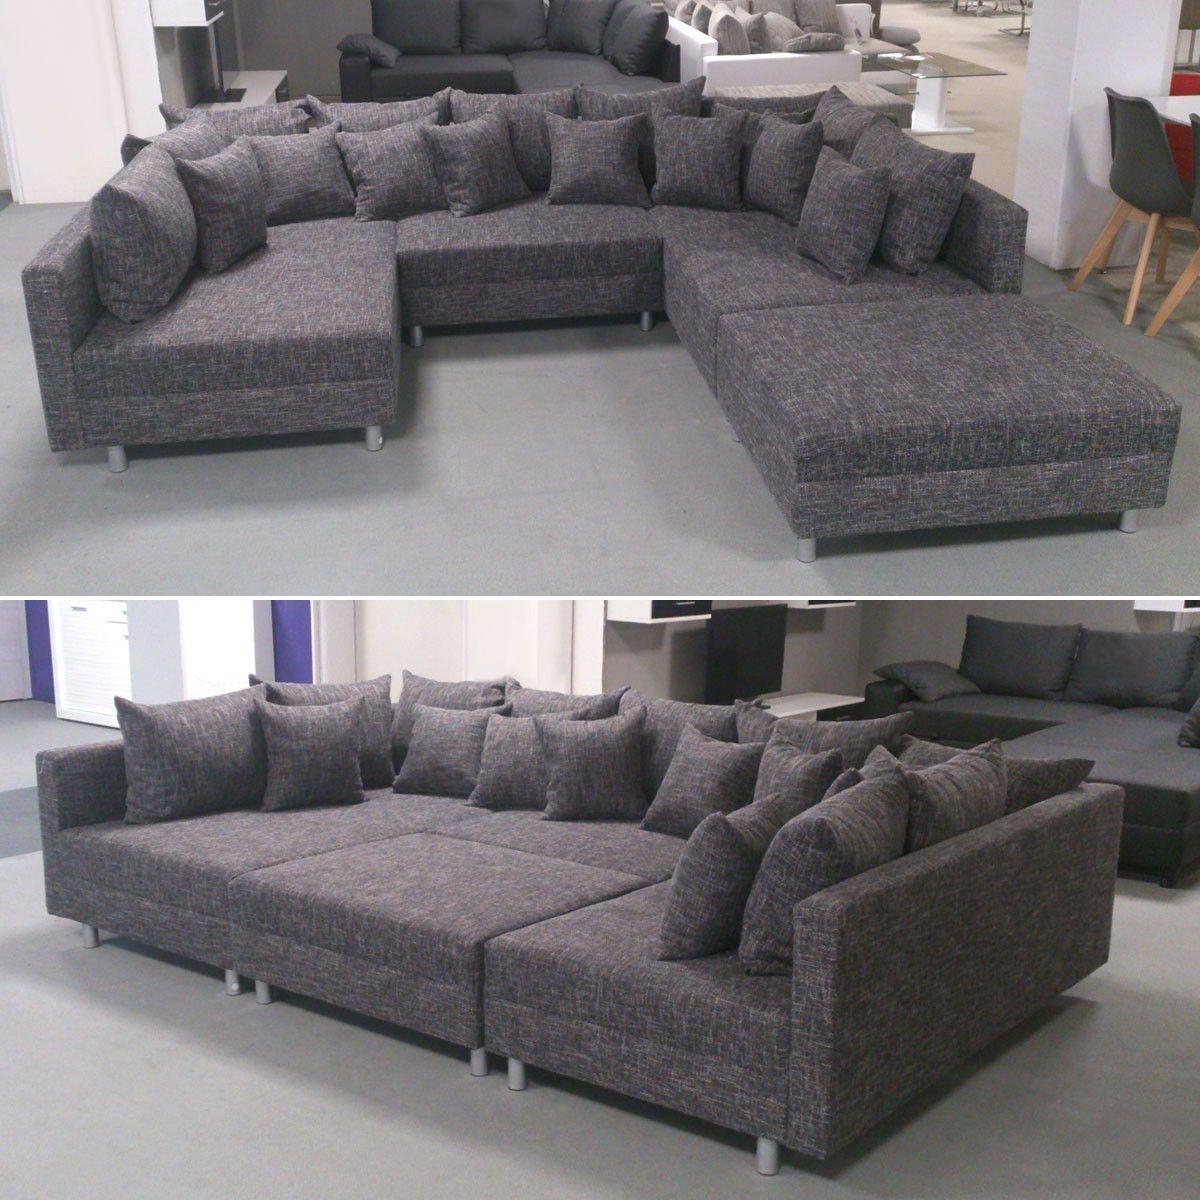 Beste Ecksofa Ideen Deko Myoyun Org Comfy Sofa Bed Bed Furniture Design Latest Sofa Designs